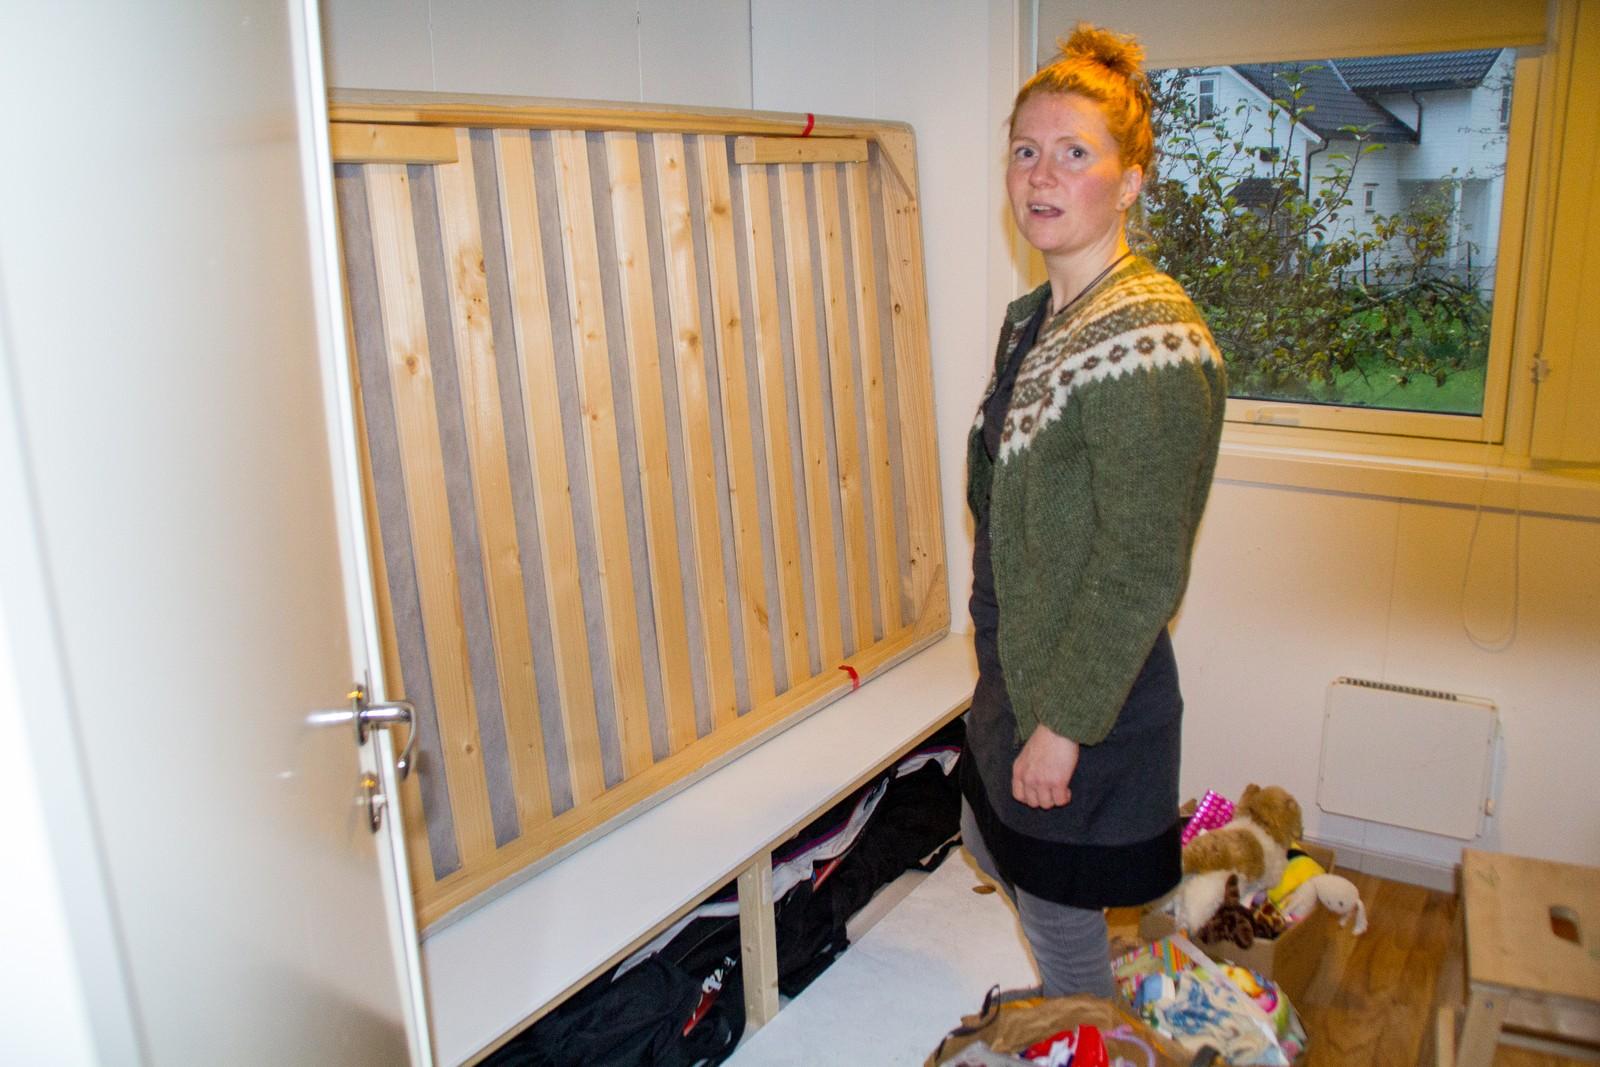 Snædis Laufey Bjarnadòttir bur i minihus på 20 kvadratmeter med dottera si, Solrunn. Her kan senga spennast opp til veggen slik at jenta får leikeplass på golvet. Under senga er også boks til pulk og ski.